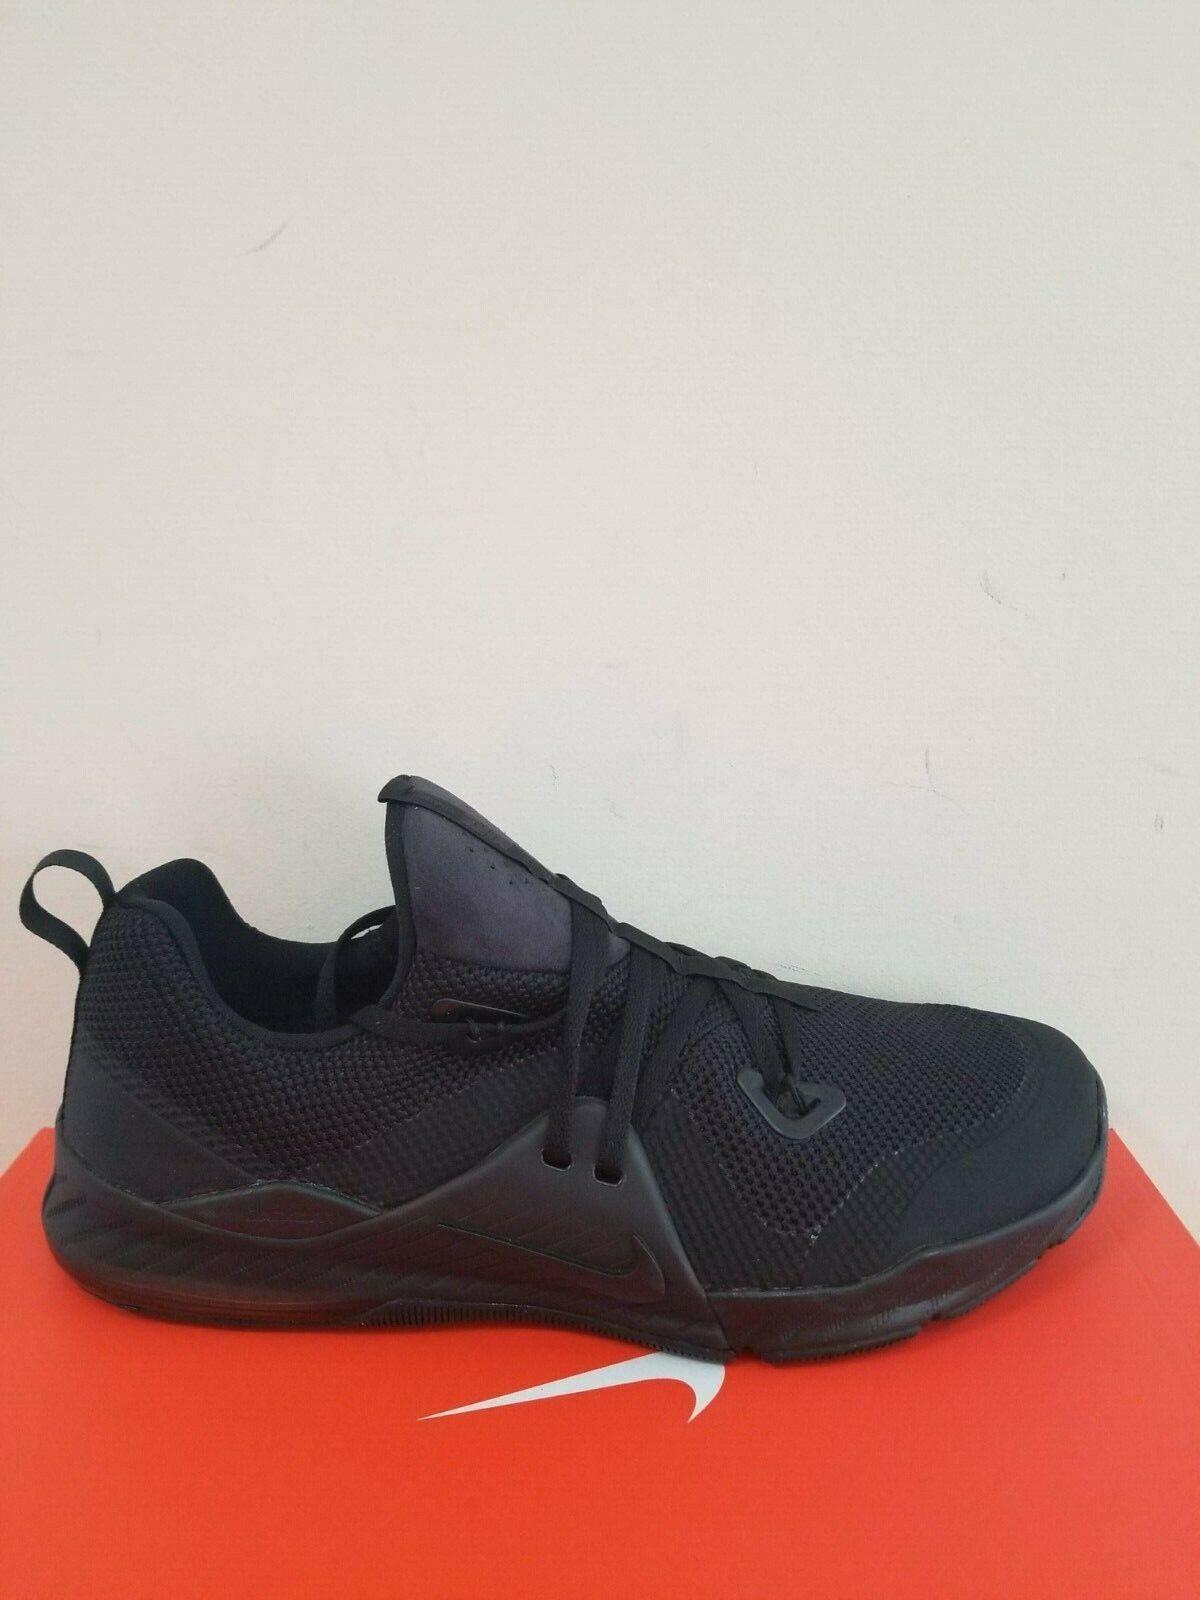 Nike gli zoom comando formazione scarpe taglia 11 pennino   Di Qualità Superiore    Scolaro/Ragazze Scarpa